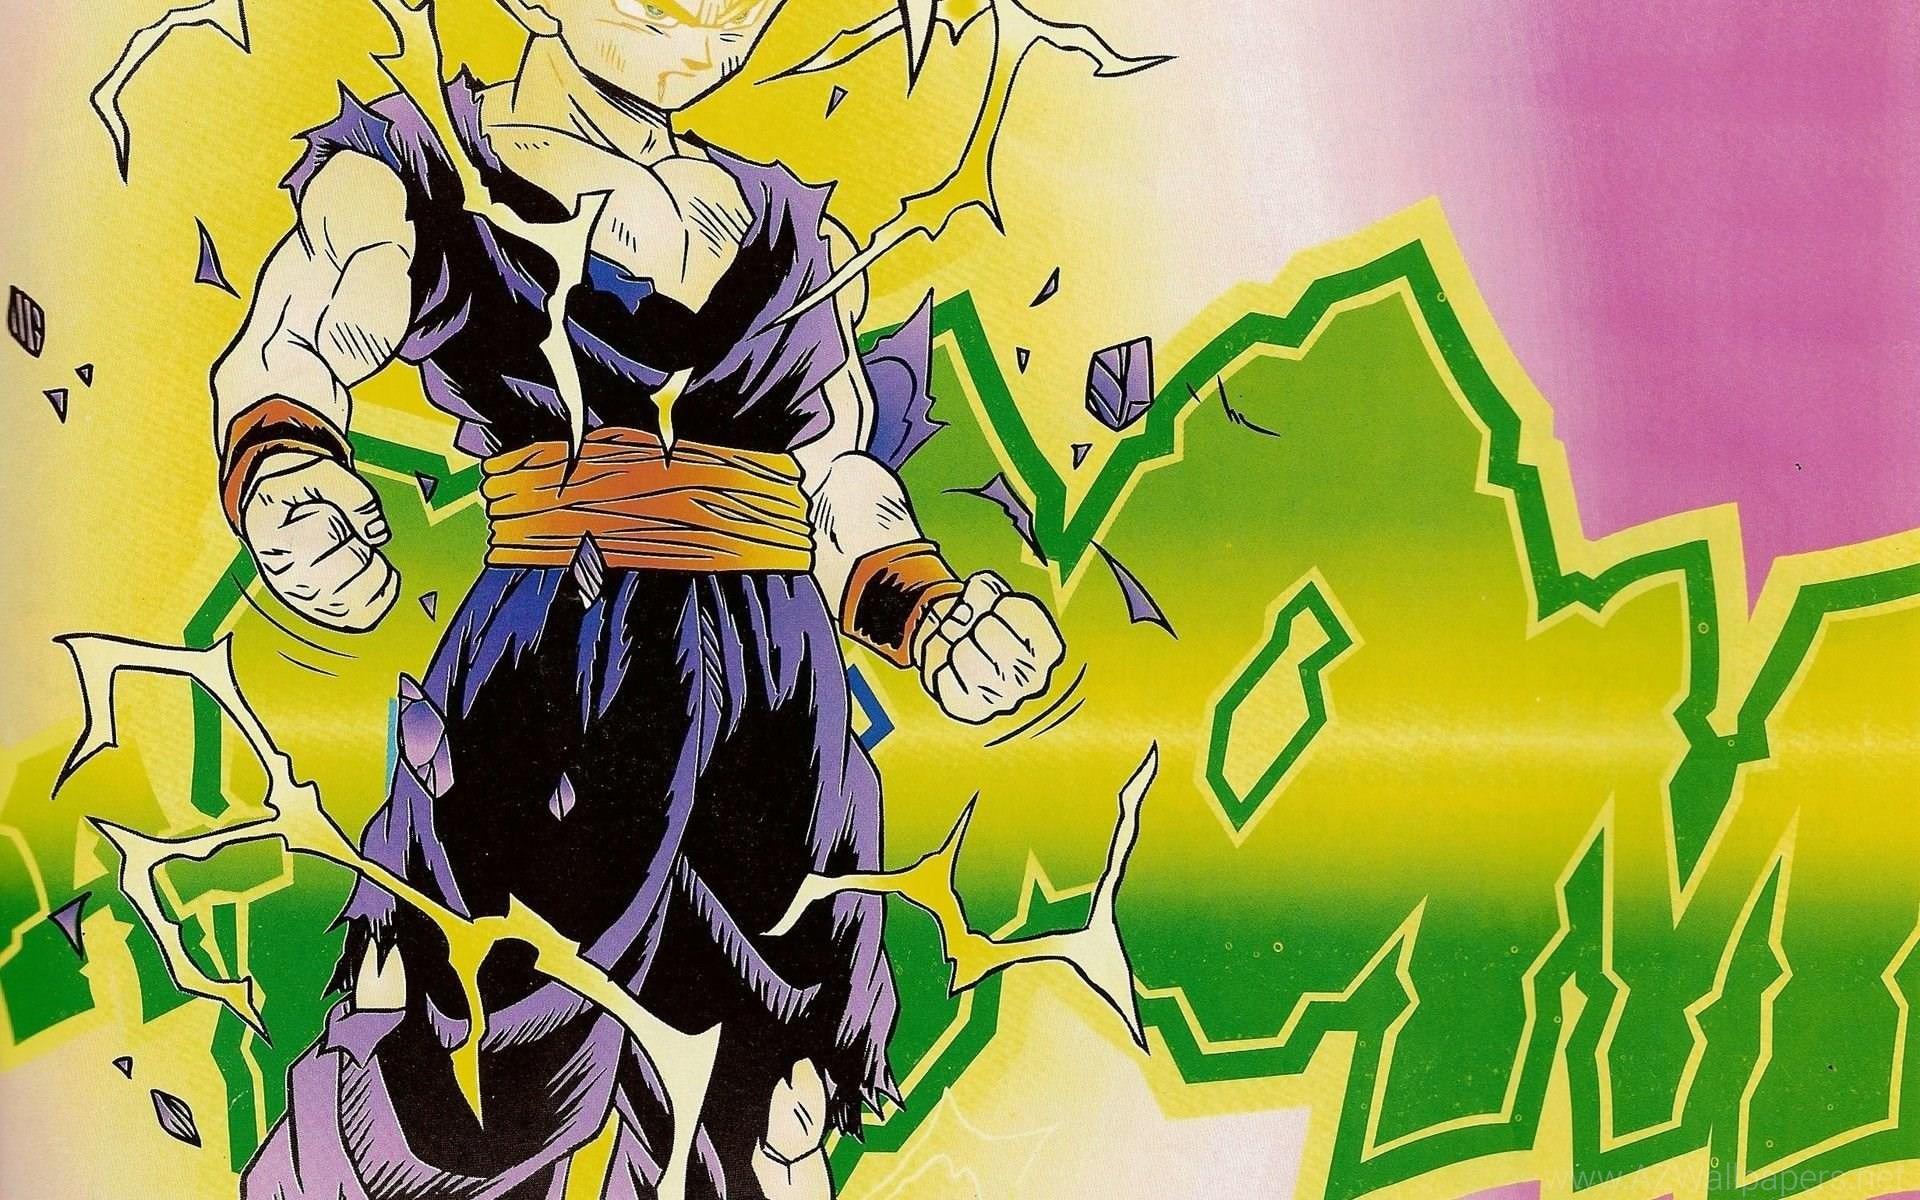 Kaneki wallpaper by Dinocojv on DeviantArt | Anime Wallpapers .